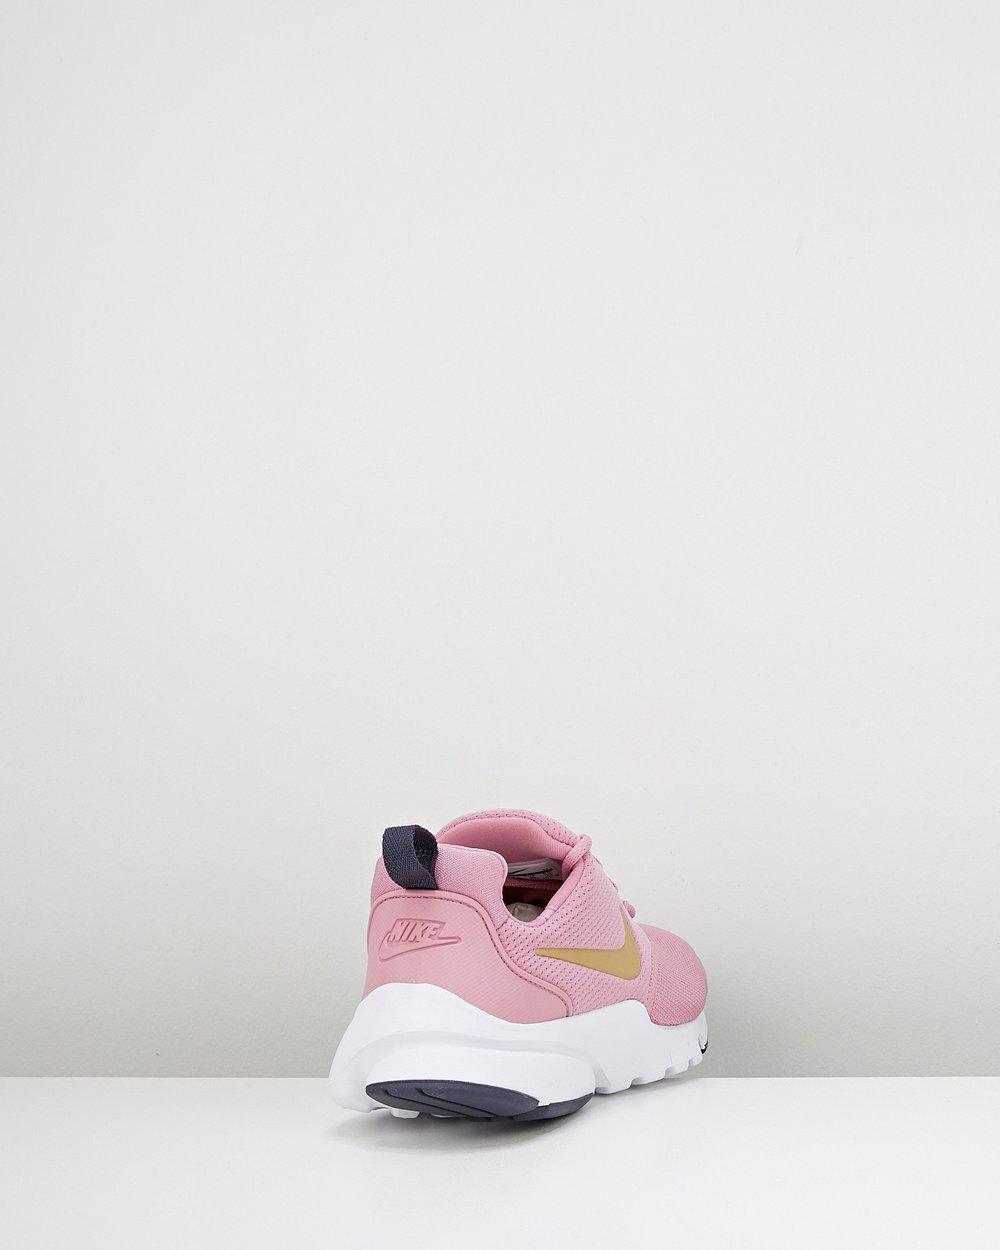 40206fc70032 Presto Fly Grade School Girls by Nike Online